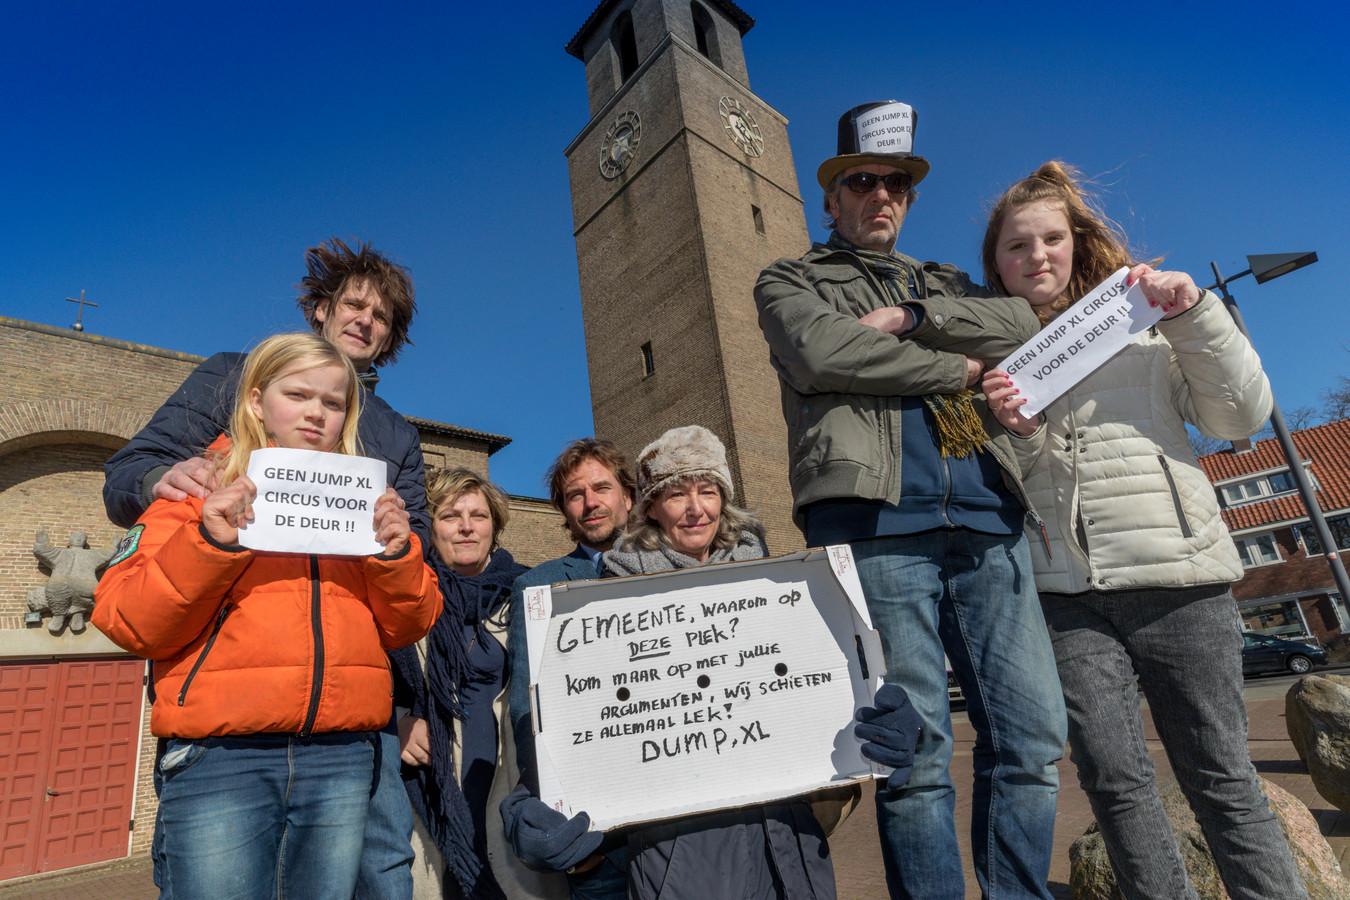 Archieffoto. Den Bosch, bewoners van het Schaarhuisplein protesteren tegen de komst van een trampolinecentrum in de kerk. Den Bosch, bewoners van het Schaarhuisplein protesteren tegen de komst van een trampolinecentrum in de kerk. Met onder meer Frank van den Vijver (linksboven op steen), Cariola van Beek (rechts daarnaast), Aniet Bruiniks (midden, met bord) en Karel Boonzaaier (op steen rechts).